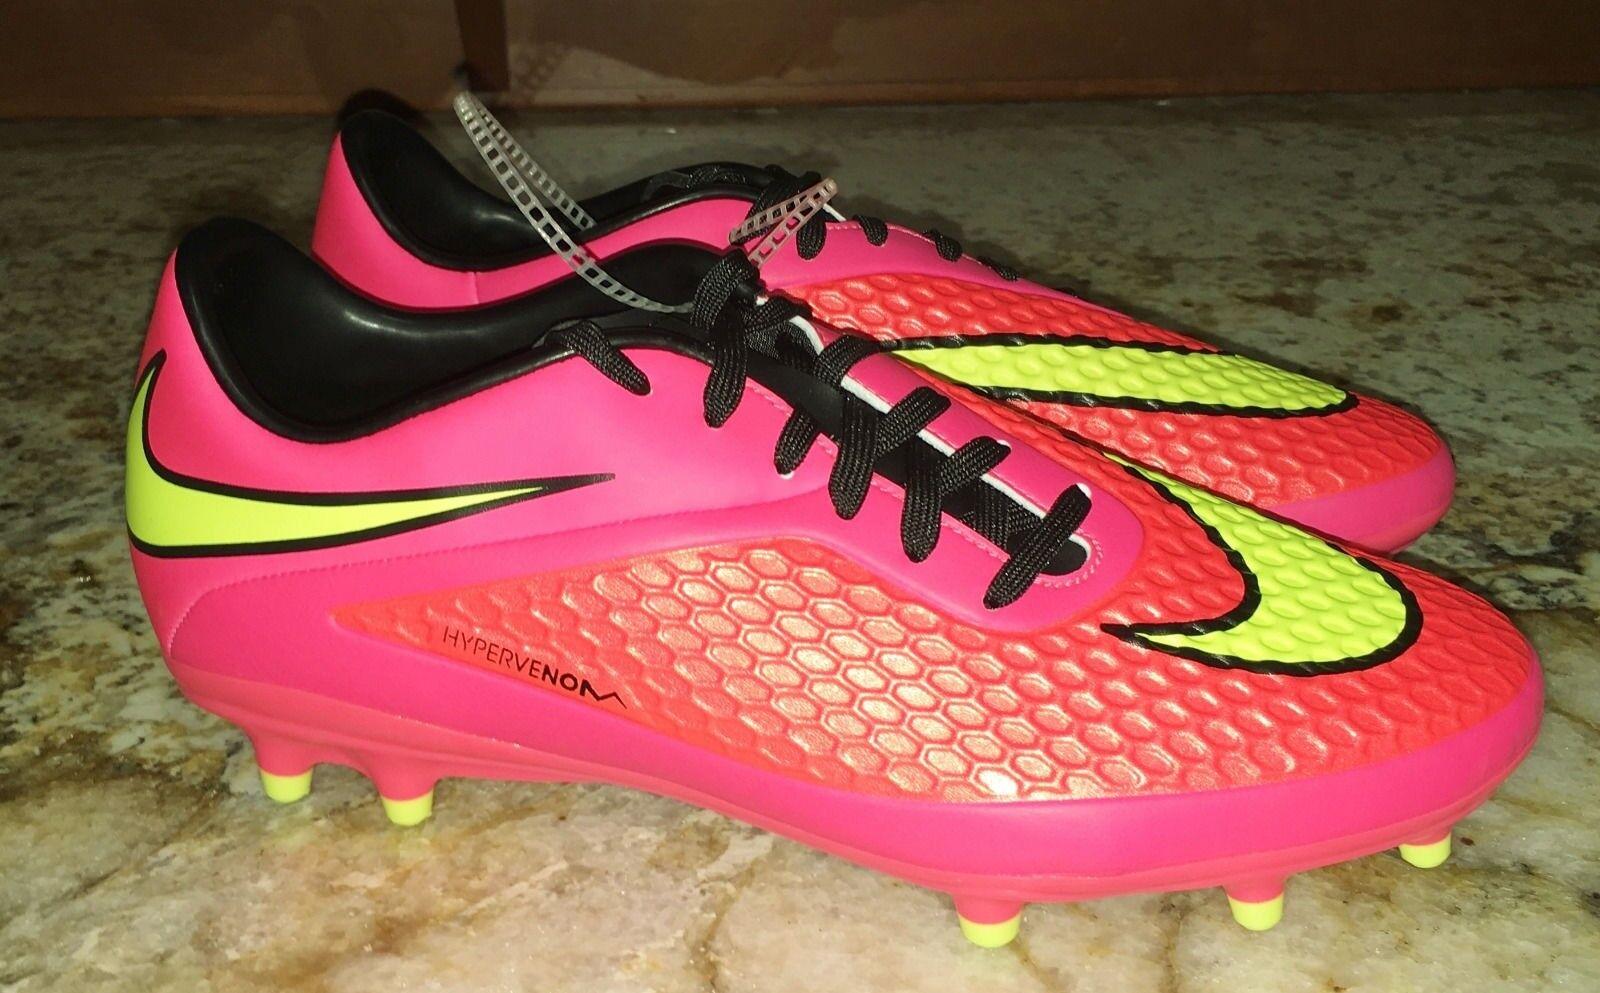 NIKE Hypervenom Phelon FG Hyper Punch Soccer Cleats Boots NEW Mens 7.5 10 12